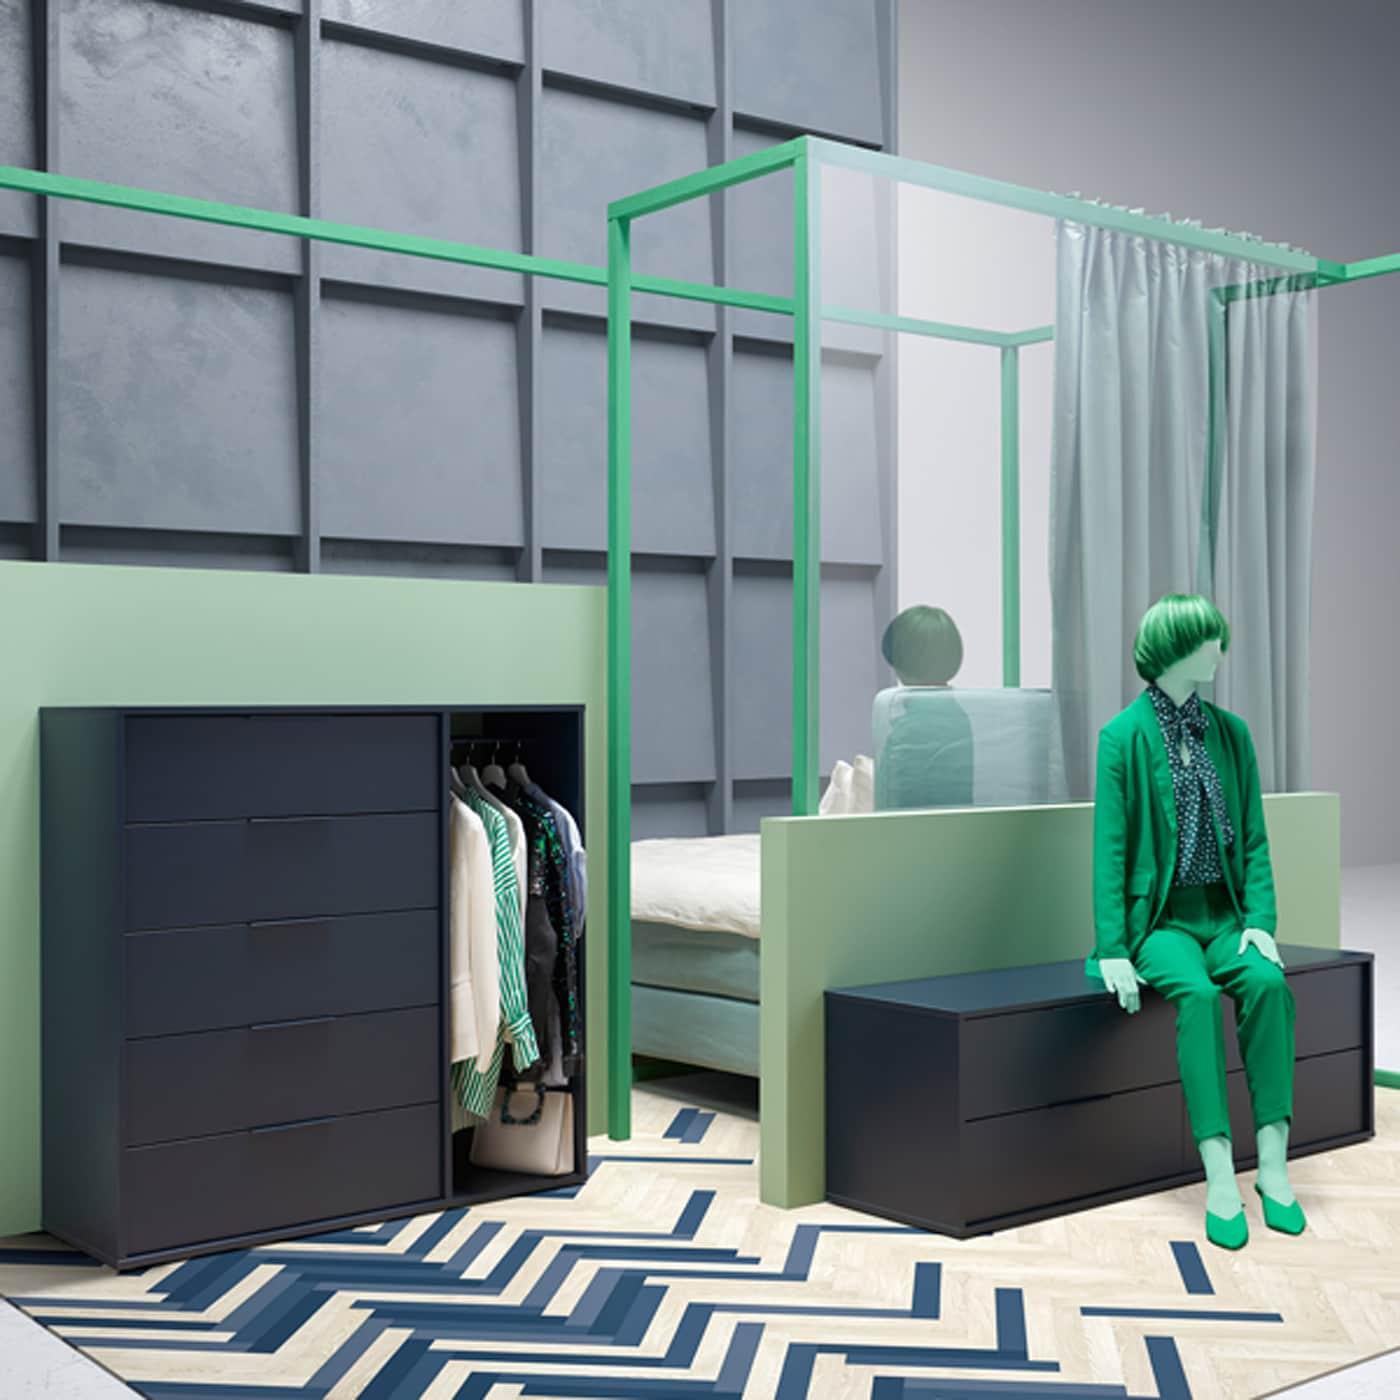 De leuke, moderne NORDMELA ladekast met vier lades kan je ook als bank gebruiken. Hier zie je de kast in een slaapkamer, maar ze past overal in huis.